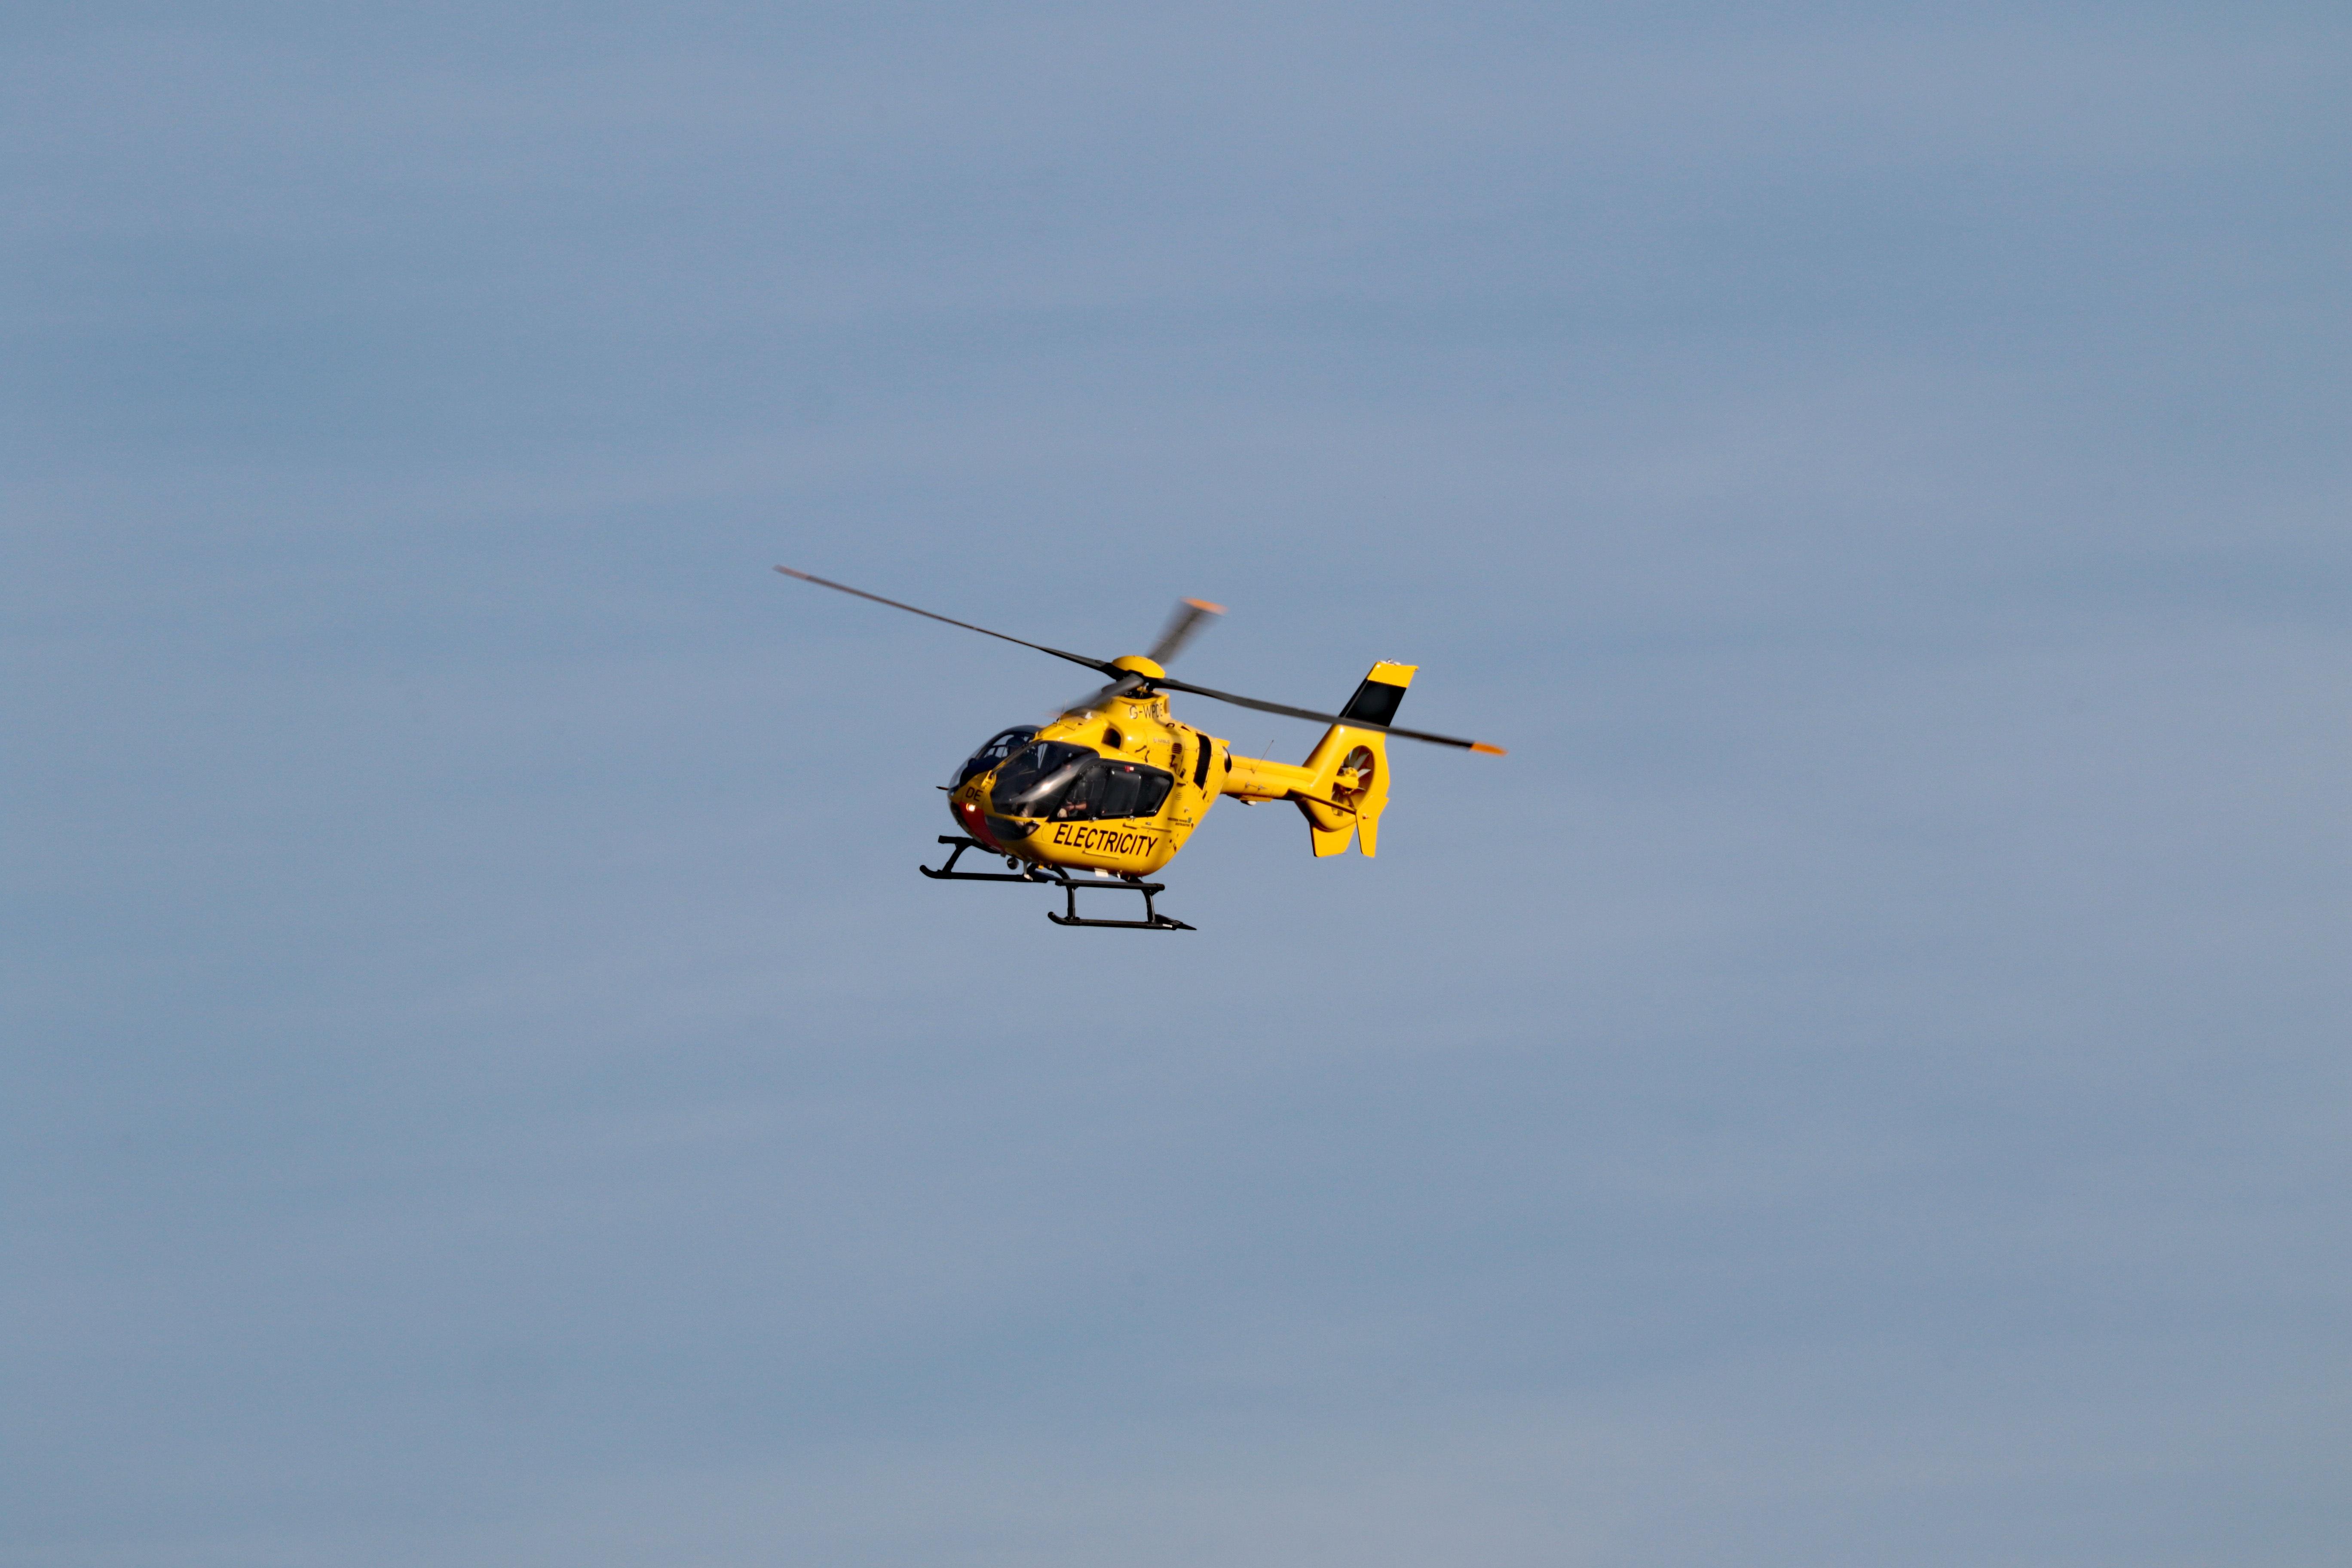 147783 Hintergrundbild herunterladen Hubschrauber, Verschiedenes, Sonstige, Flug, Luftfahrt - Bildschirmschoner und Bilder kostenlos